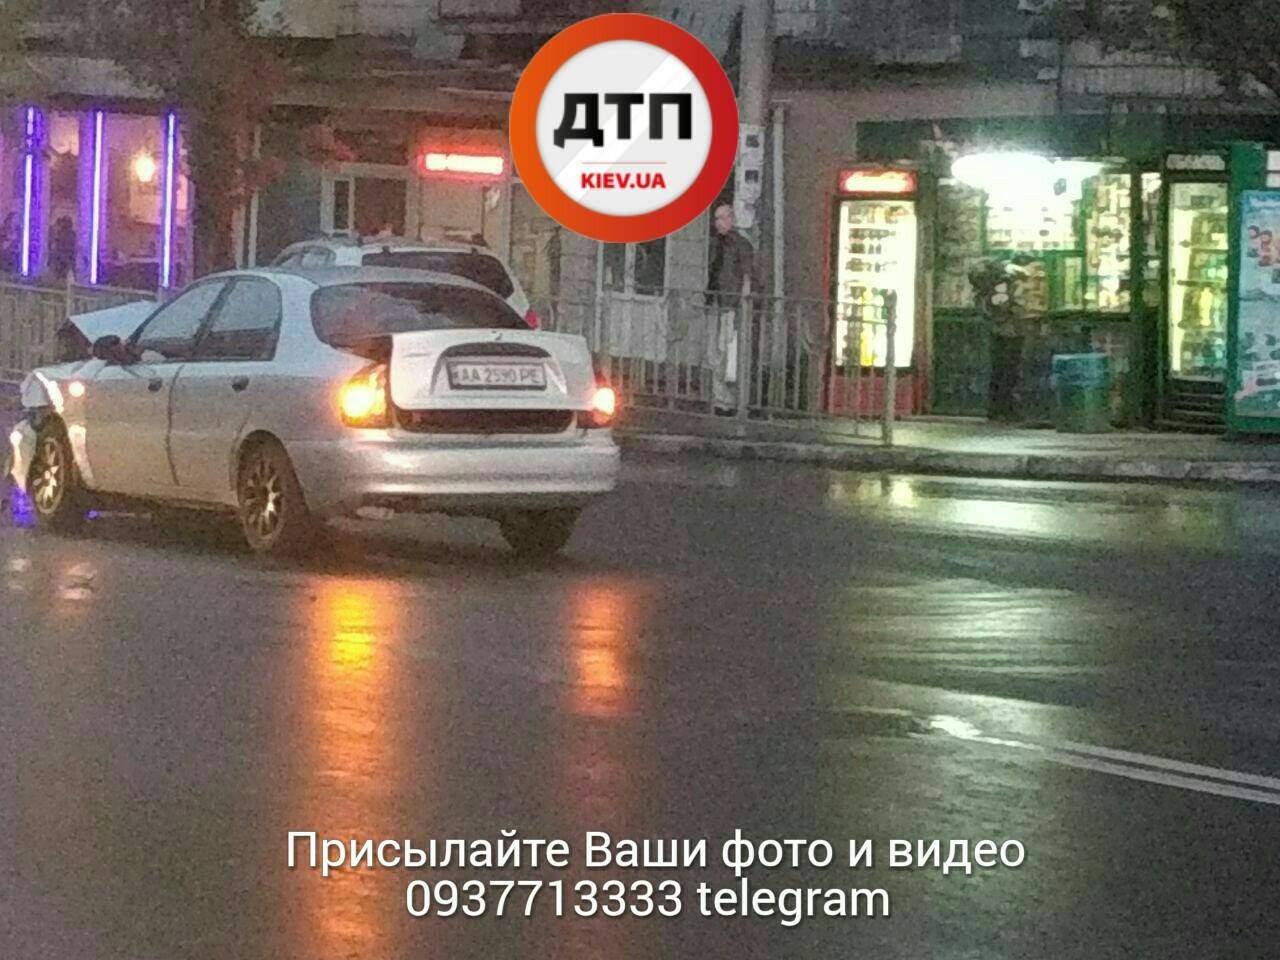 ДТП в Киеве: от удара автомобиль развернуло и отбросило на встречку (фото)